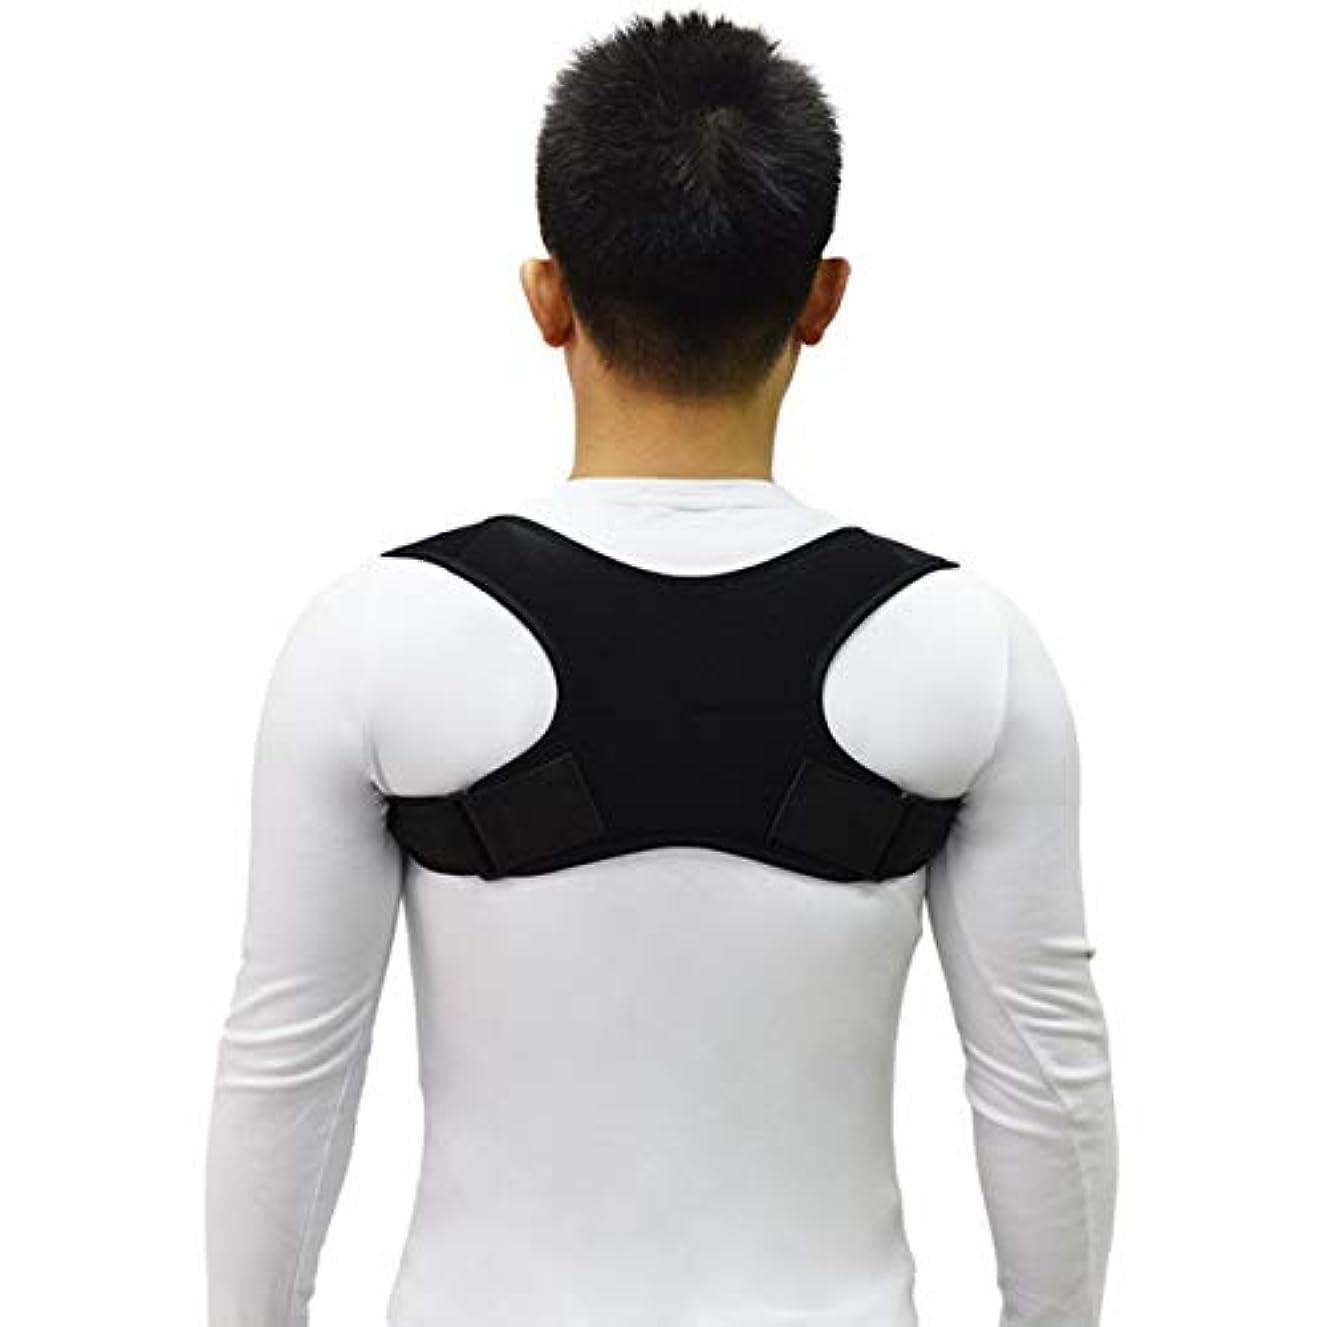 アルミフォームブレーススプリントトリガーフィンガースプリントマレットフィンガー/捻挫/骨折/痛みの軽減/指ナックル固定 - シルバー&グリーンM